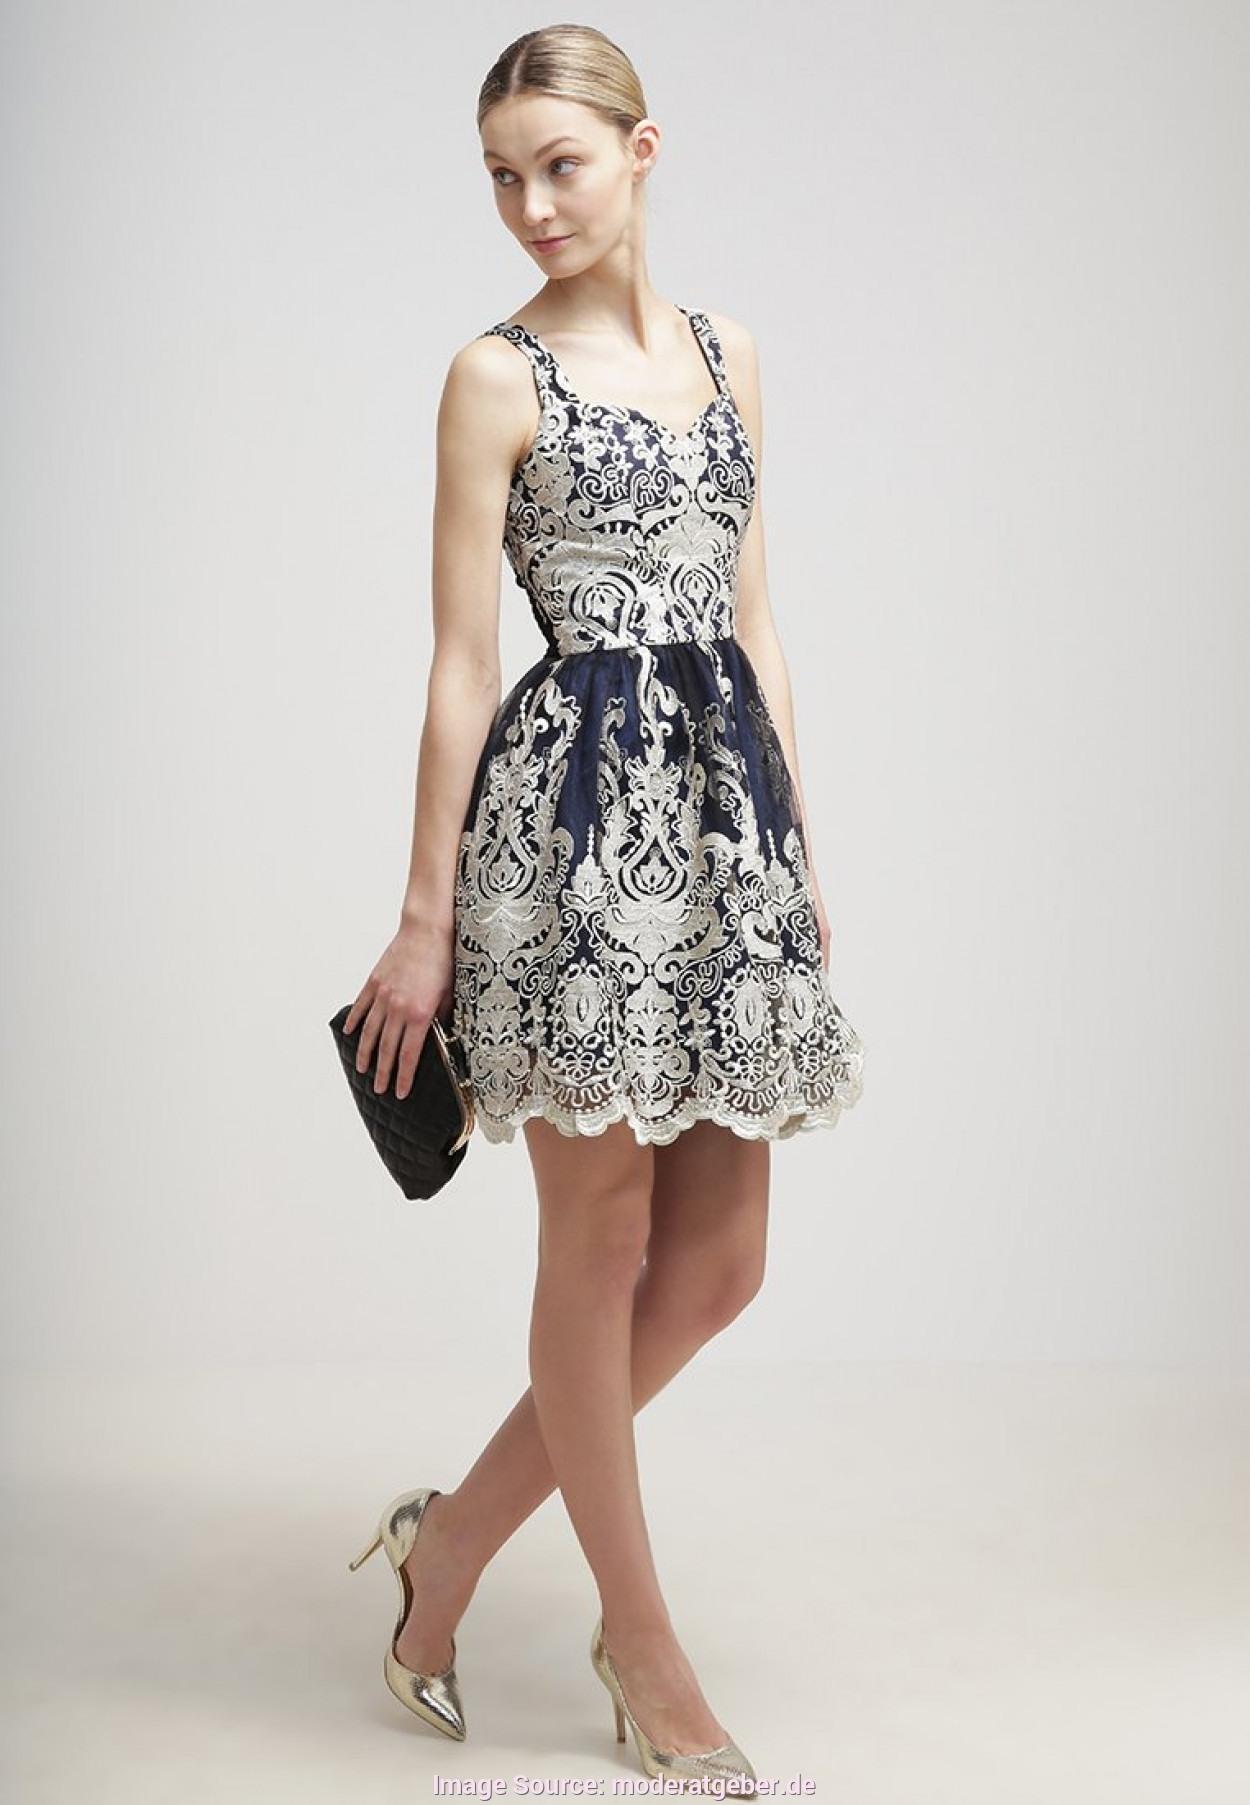 20 Luxus Kleider Festlicher Anlass Spezialgebiet17 Schön Kleider Festlicher Anlass Design